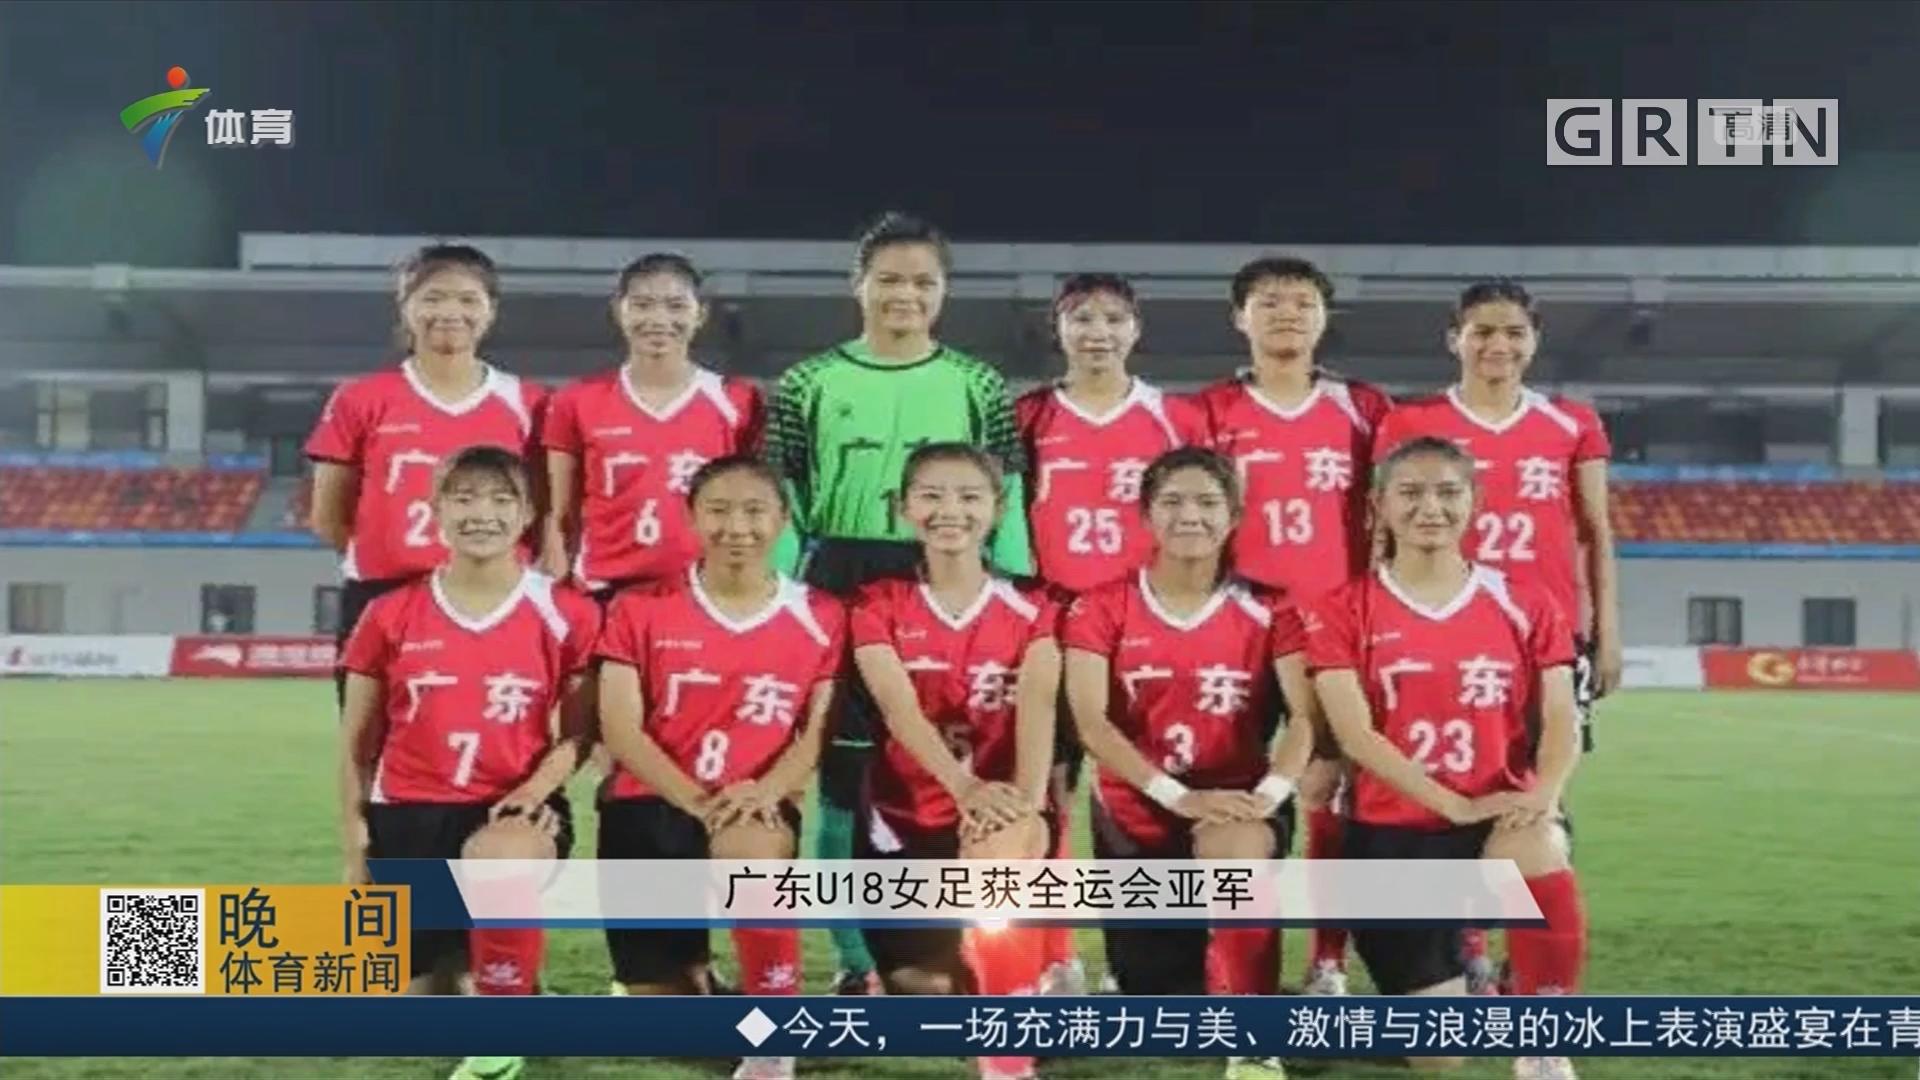 广东U18女足获全运会亚军